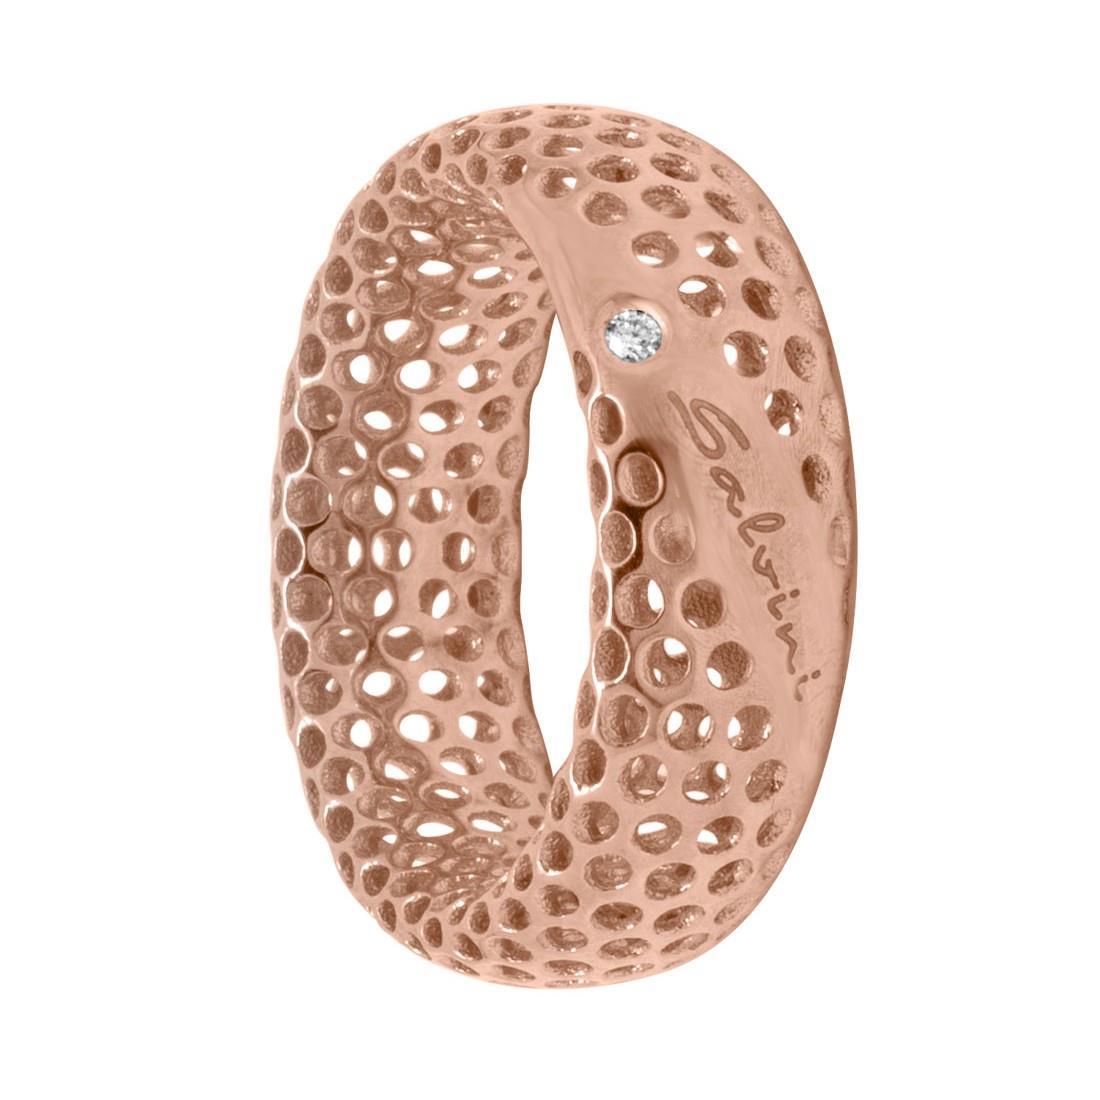 Anello in oro rosa 9 kt con diamante ct 0.01, misura 14 - SALVINI